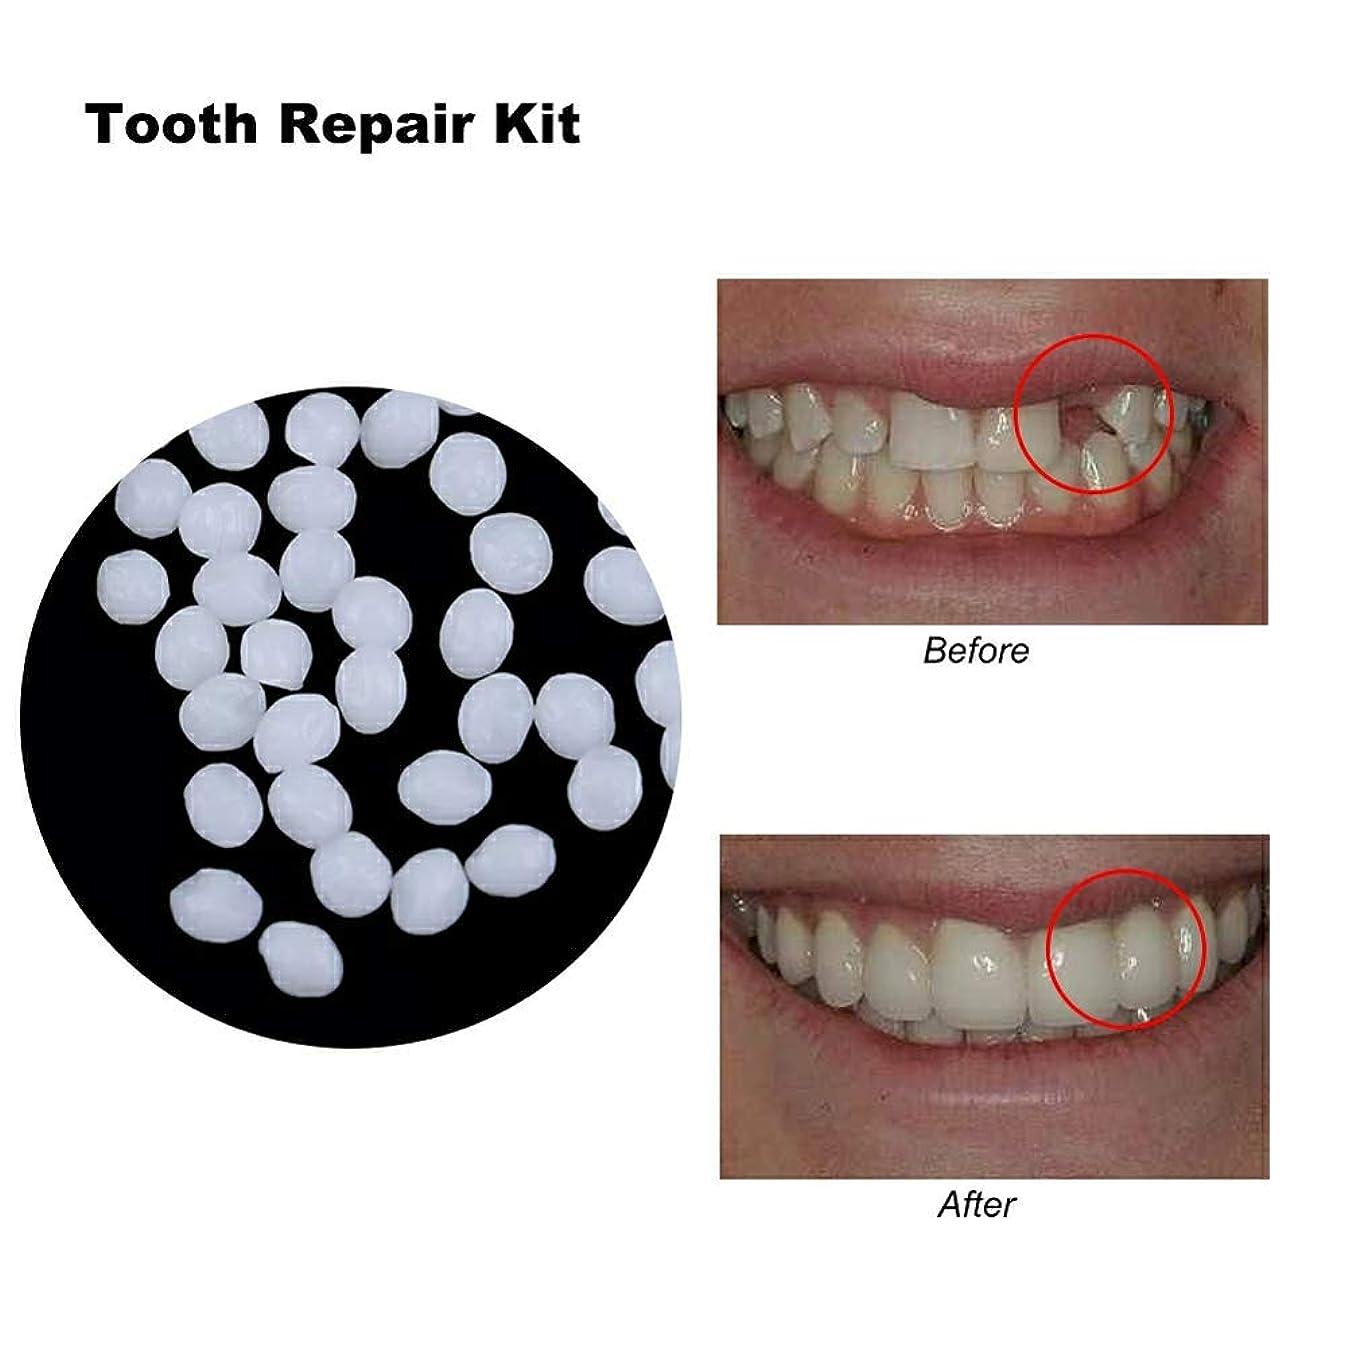 見せますいらいらする絵偽歯固体接着剤、樹脂の歯とギャップのための一時的な化粧品の歯の修復キットクリエイティブ義歯接着剤,10ml14g